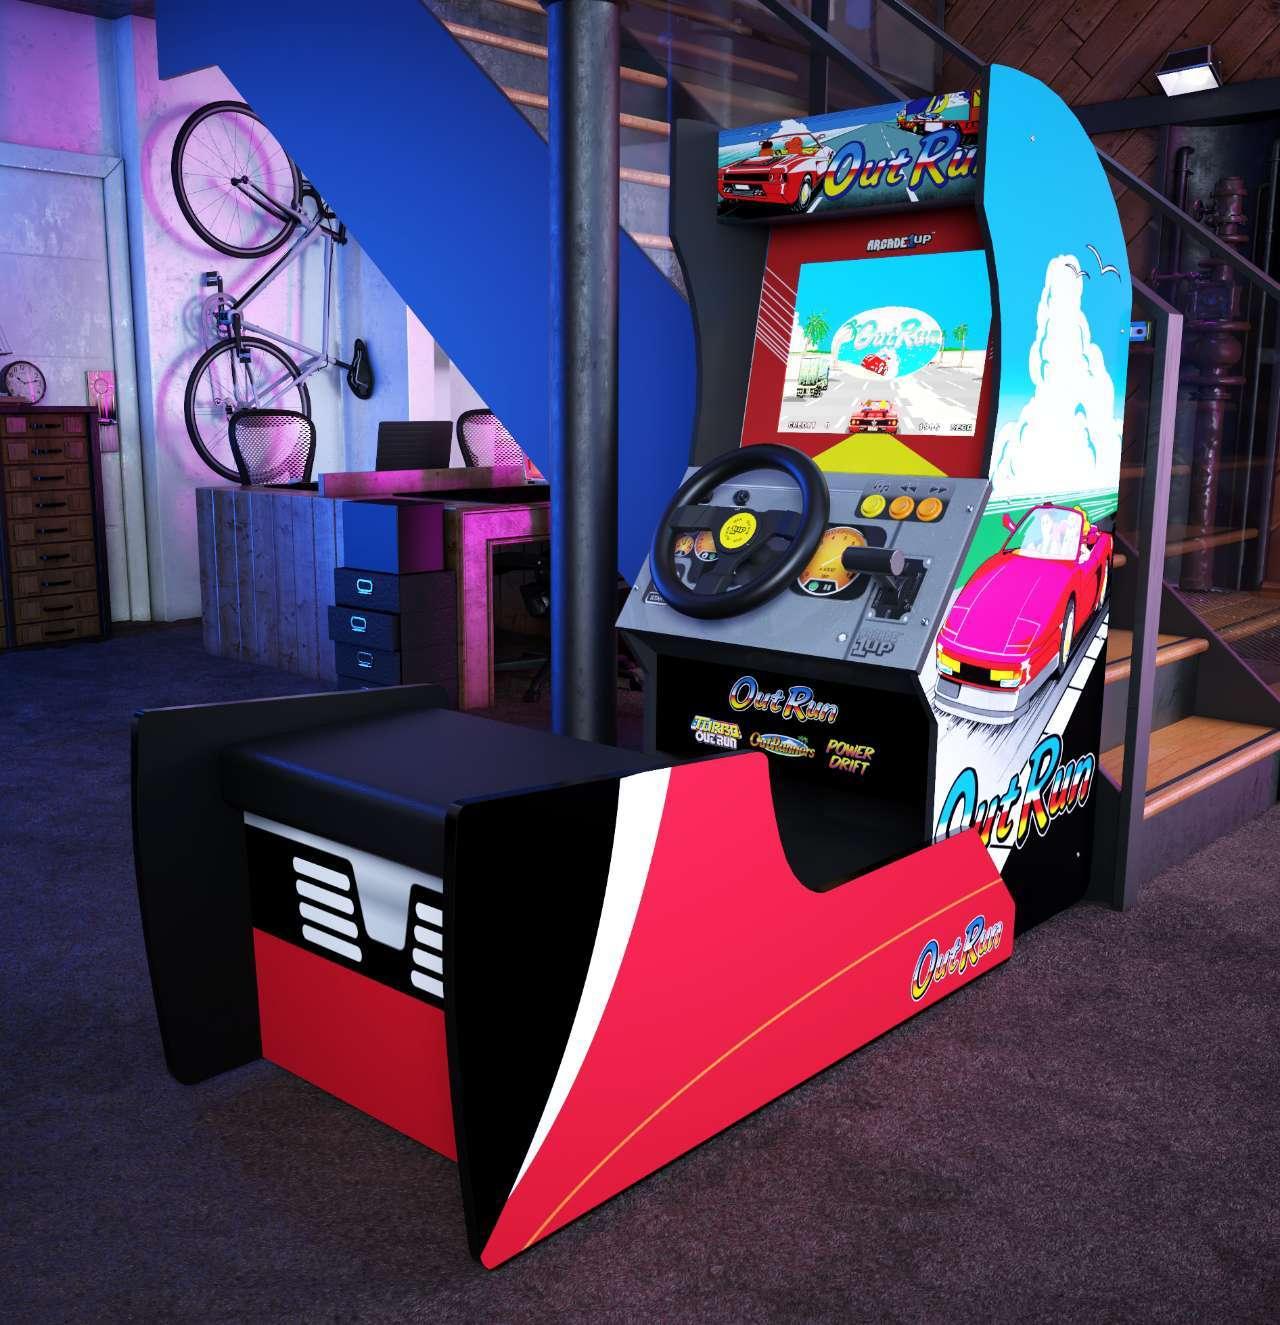 outrun-arcade1up-OutRun_Bench_Lifestyle A 8.14.20